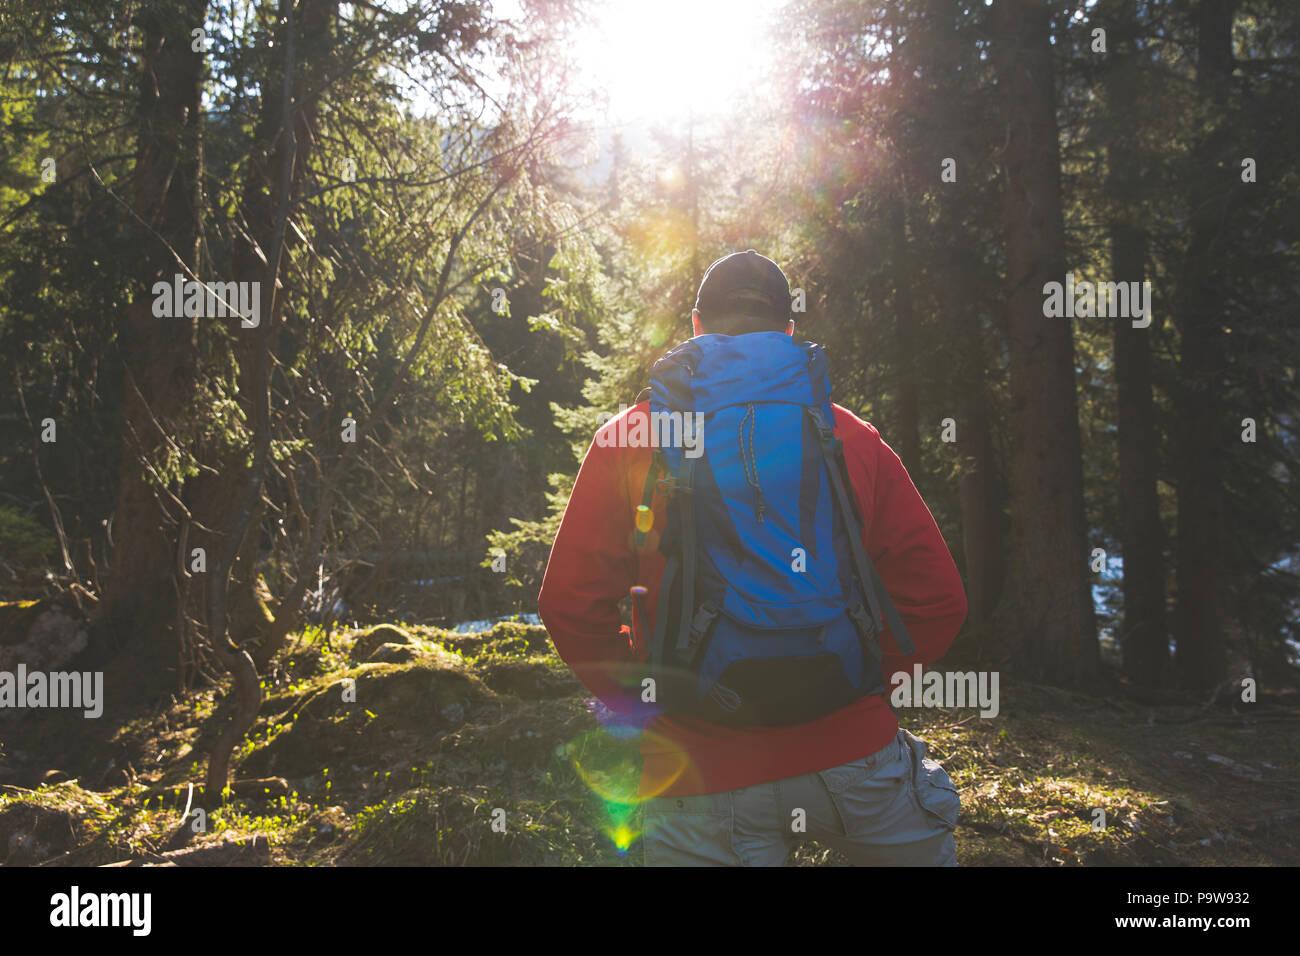 Escursionismo uomo con zaino blu e maglione rosso nella foresta Immagini Stock